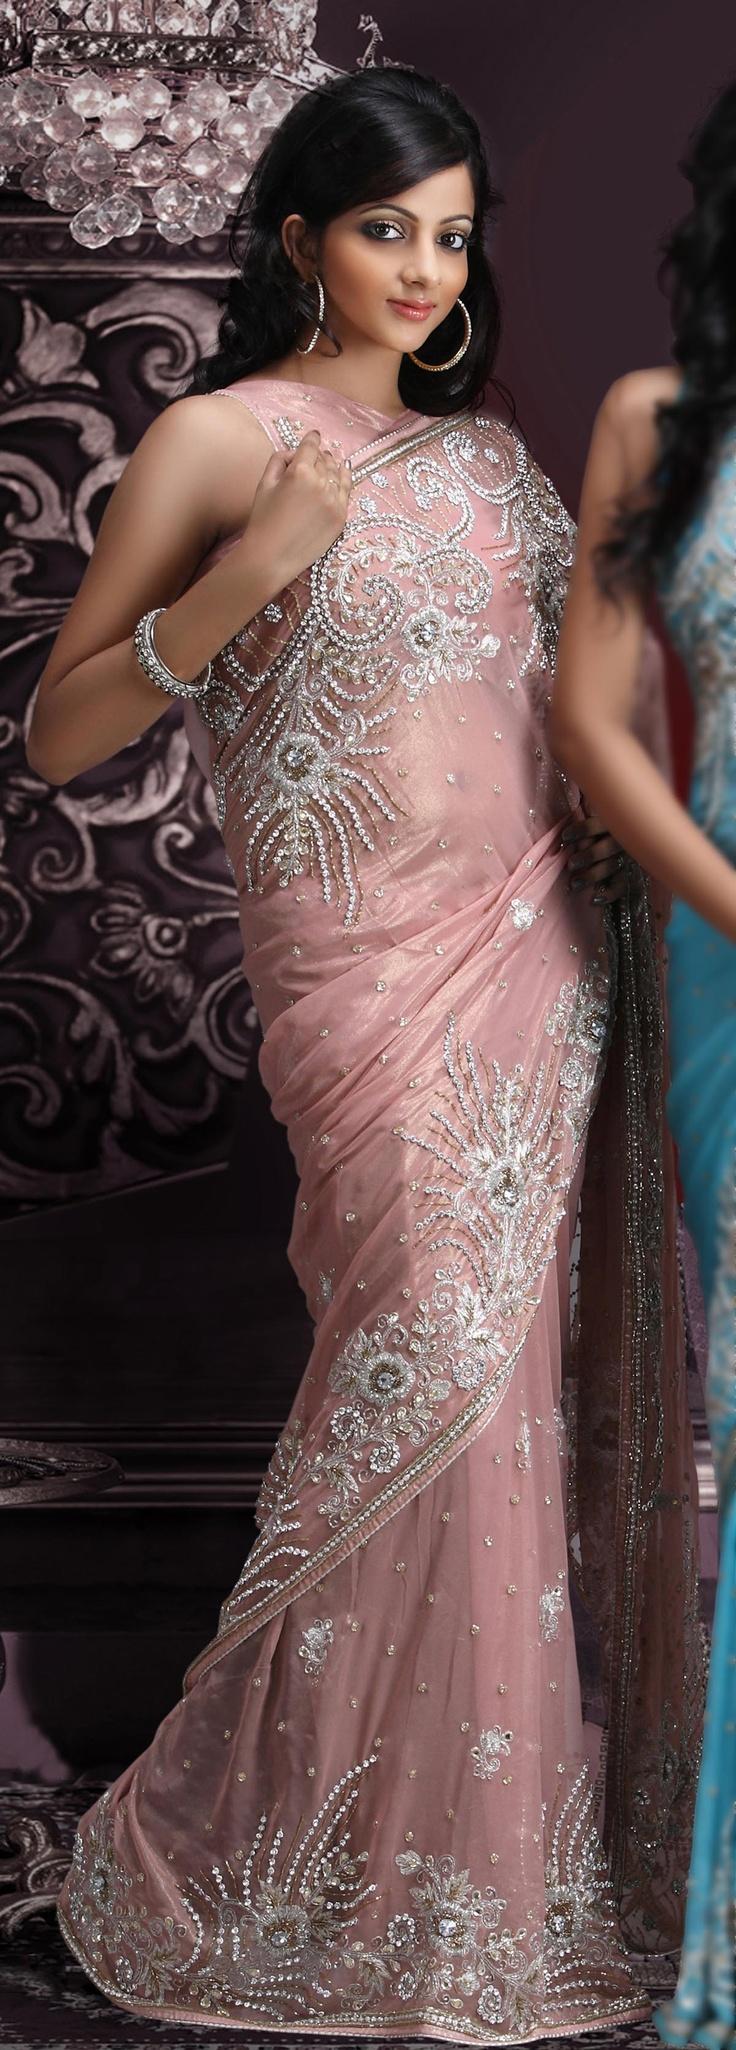 Stunning sari.